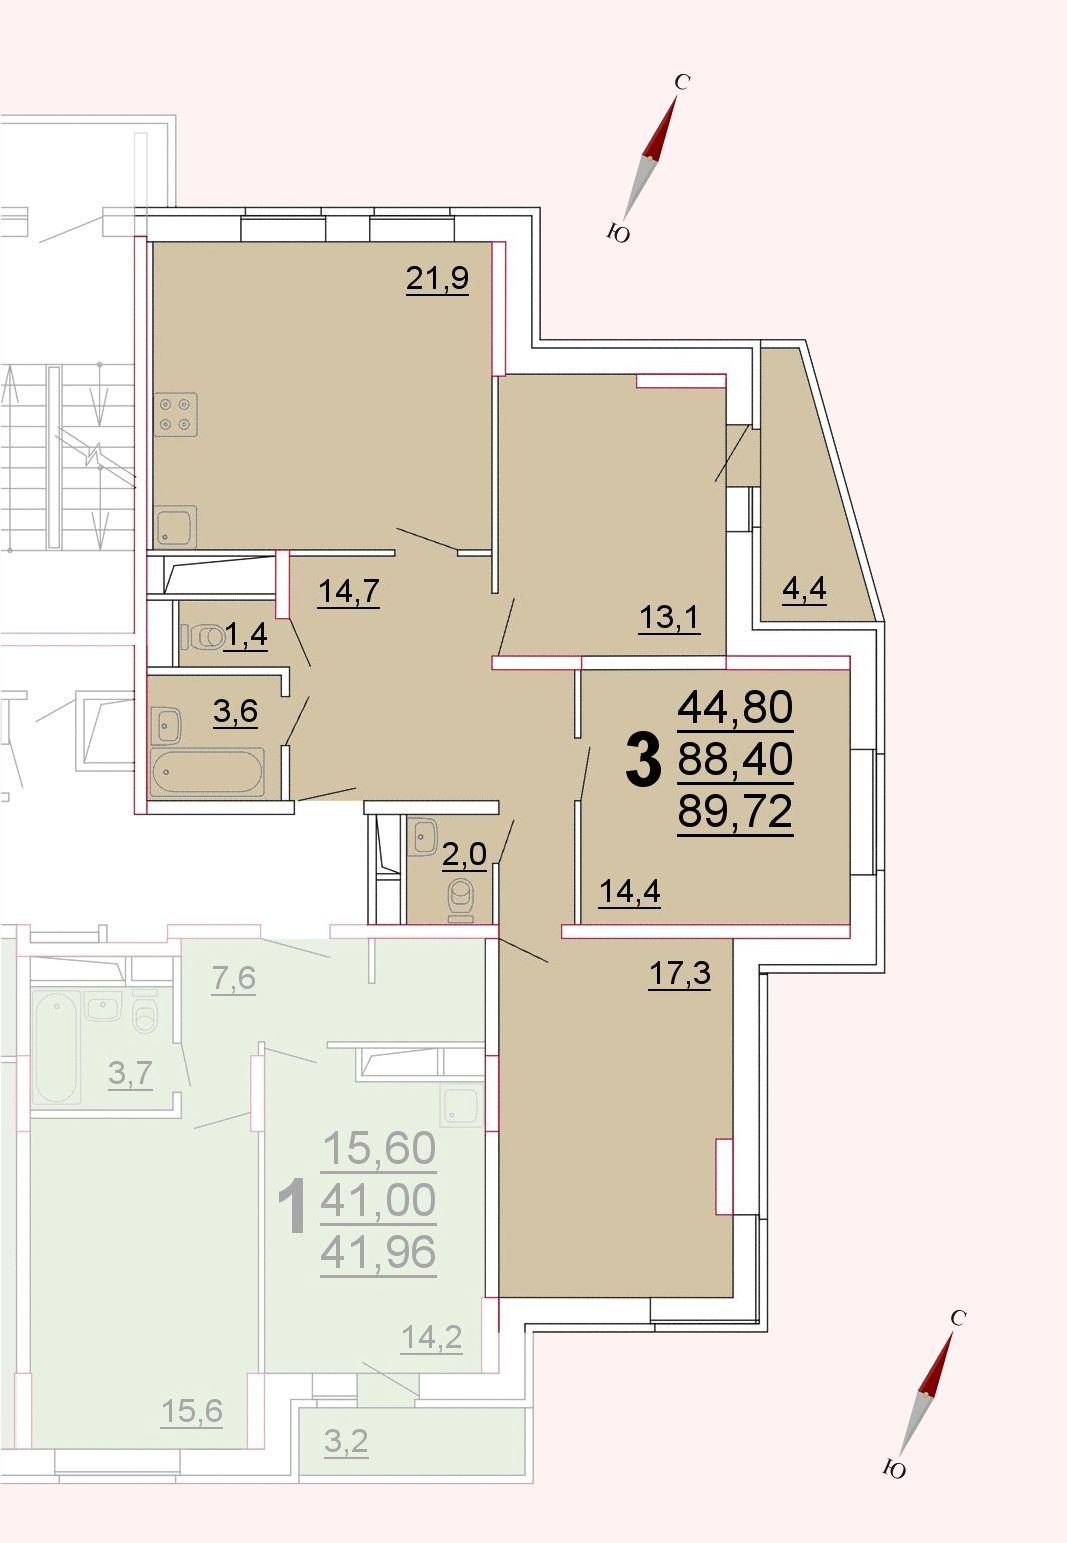 Микрорайон «Центральный», корпус 52а, секция 3, квартира 89,72 м2